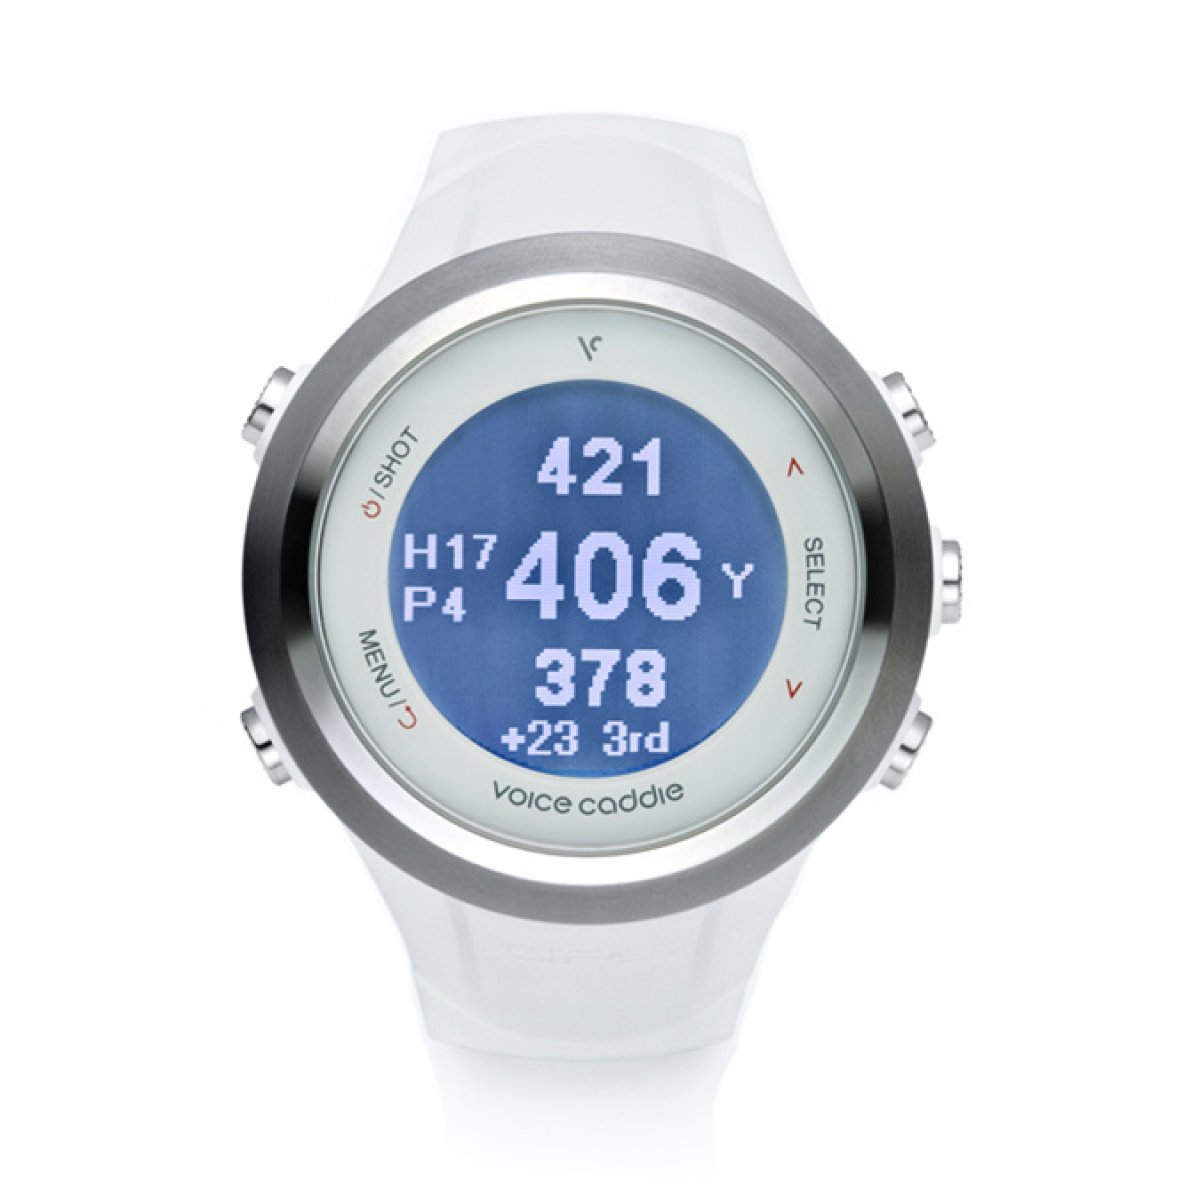 Voice Caddie T-2WH Hybrid Golf GPS Watch with Digital scorecard- White by VOICE CADDIE